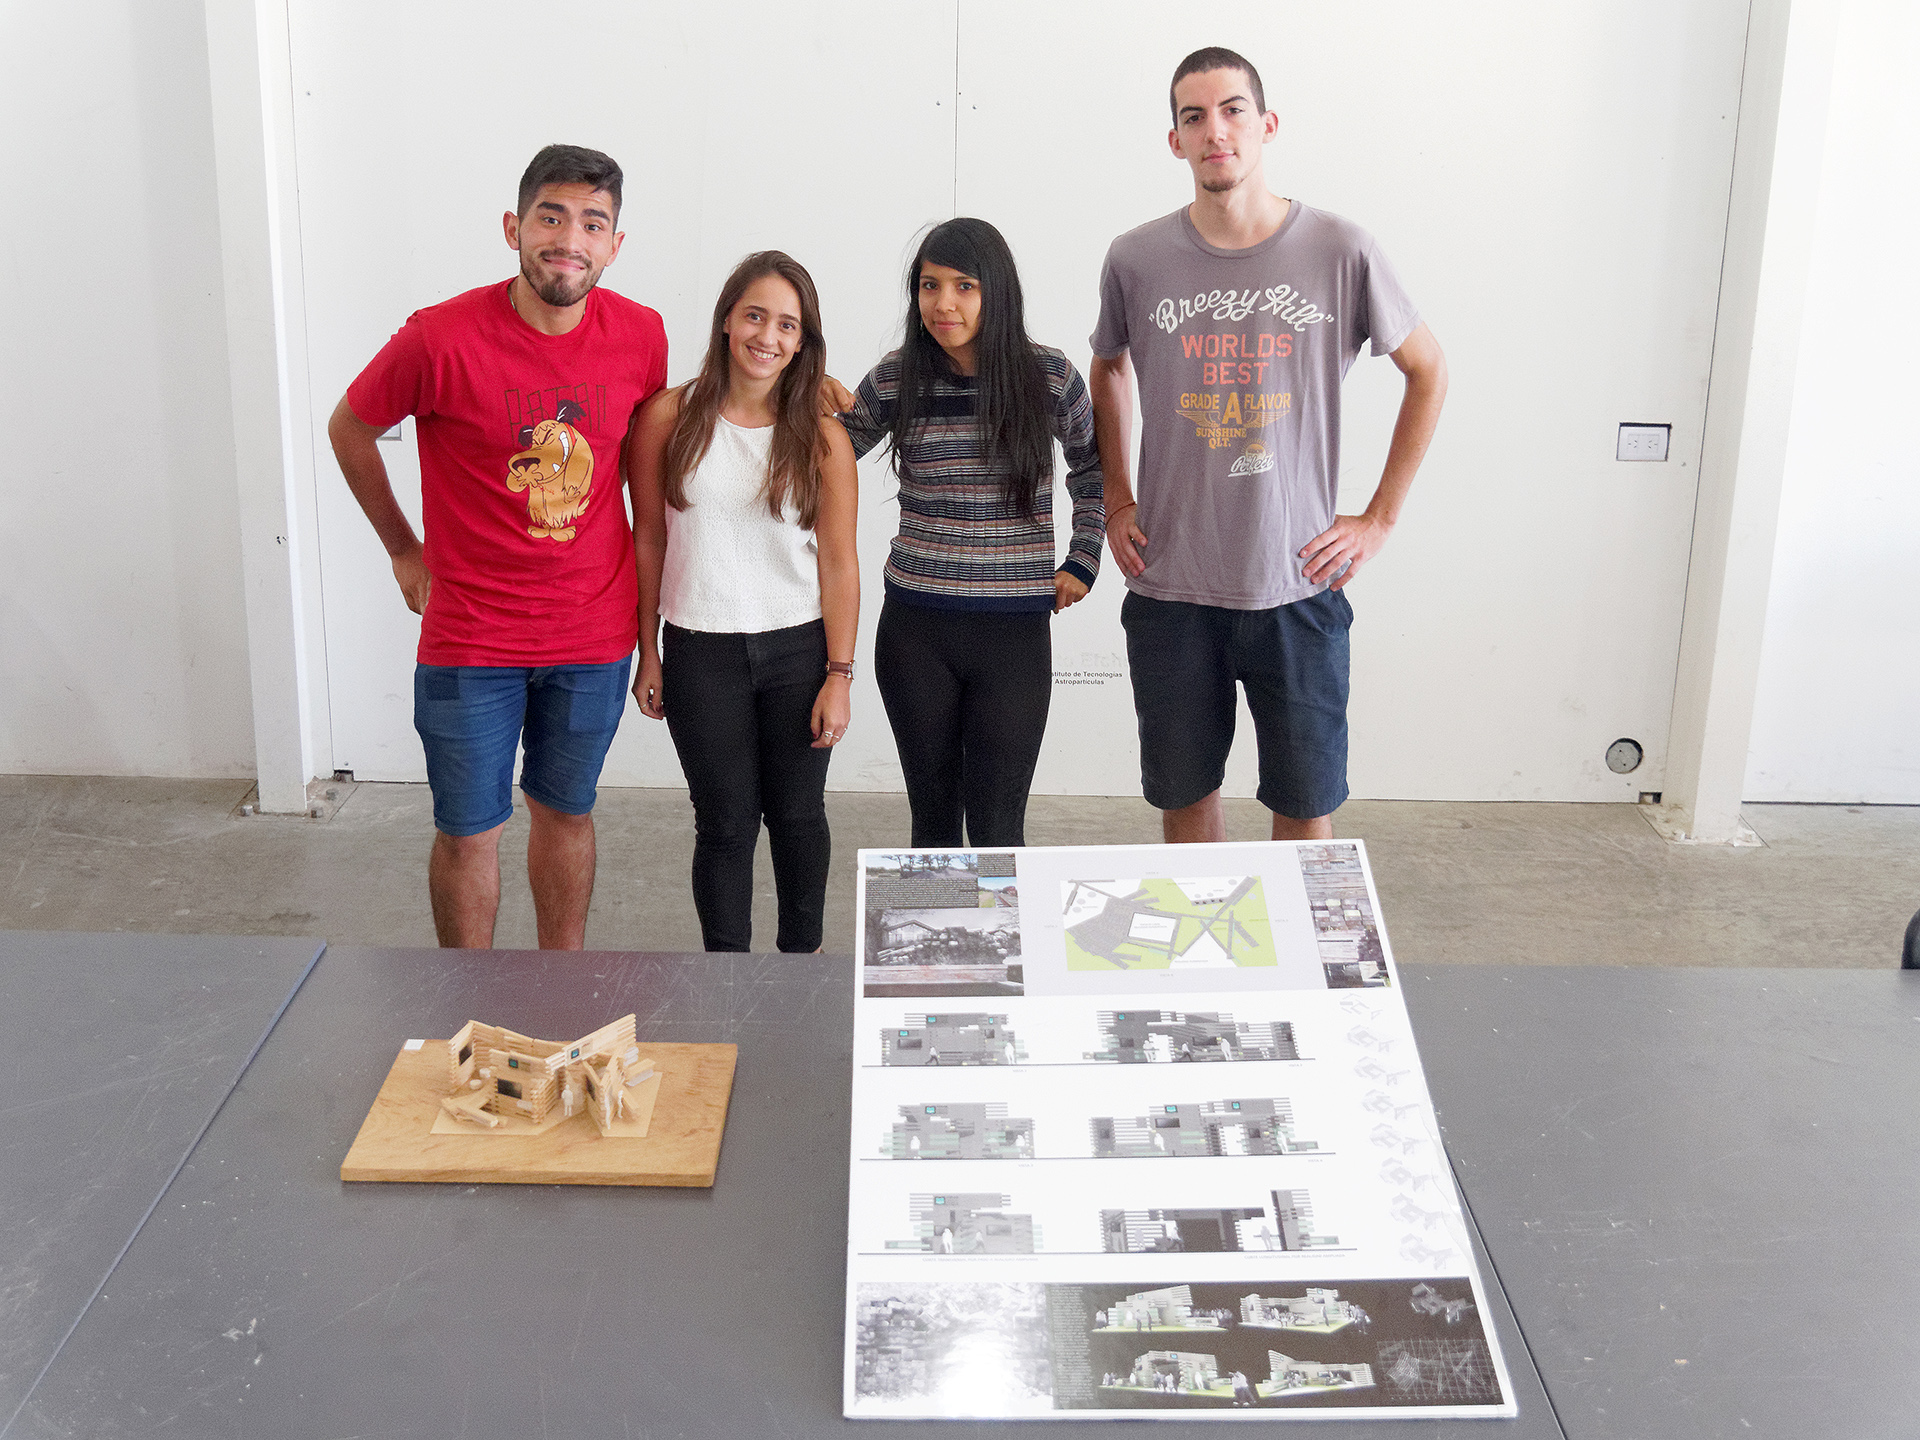 Tercer puesto. De izqu. a der.: Leonardo Corzo, Florencia Lara Torres, Jéssica Silvero Ruiz y Leonel Rodríguez